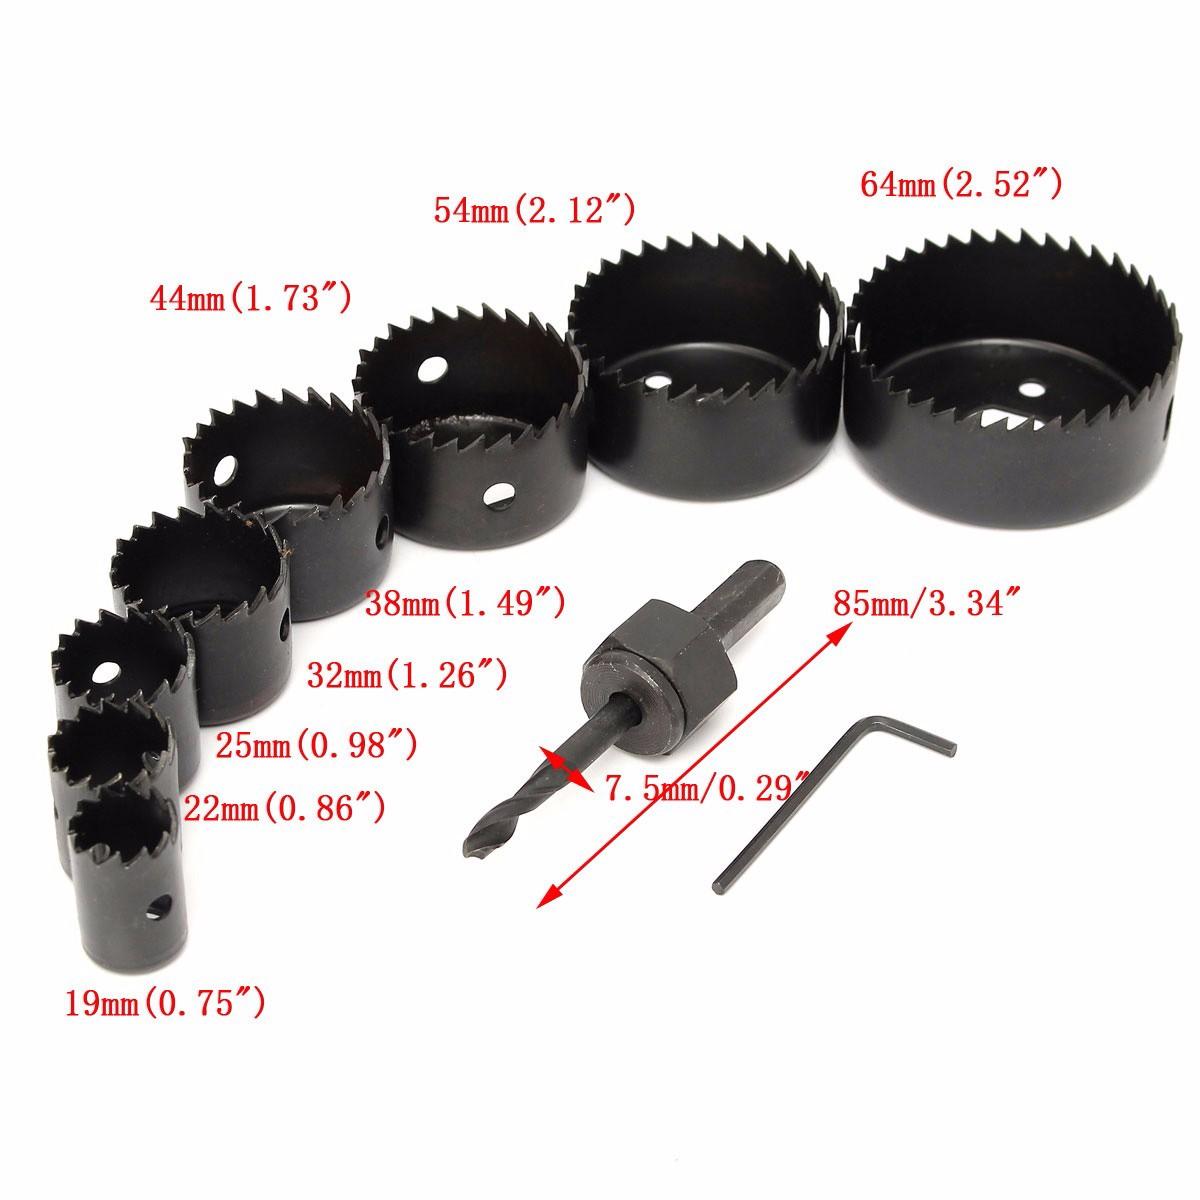 scie cloche 8 pieces de 19 64 mm drill bit hss foret meche. Black Bedroom Furniture Sets. Home Design Ideas